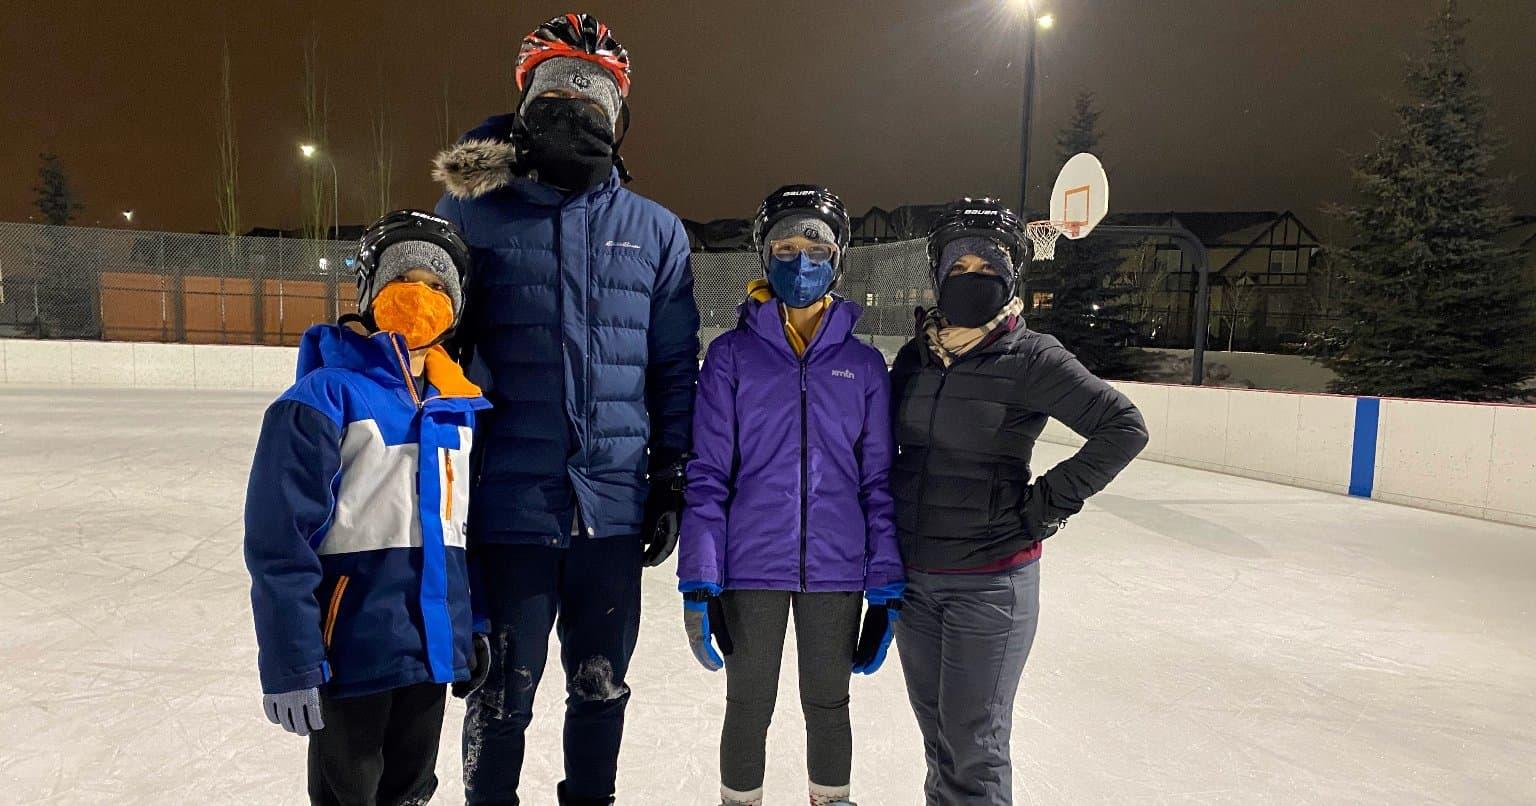 Le patin est l'une des activités que Nora Paris et sa famille ont adoptées pendant la pandémie.